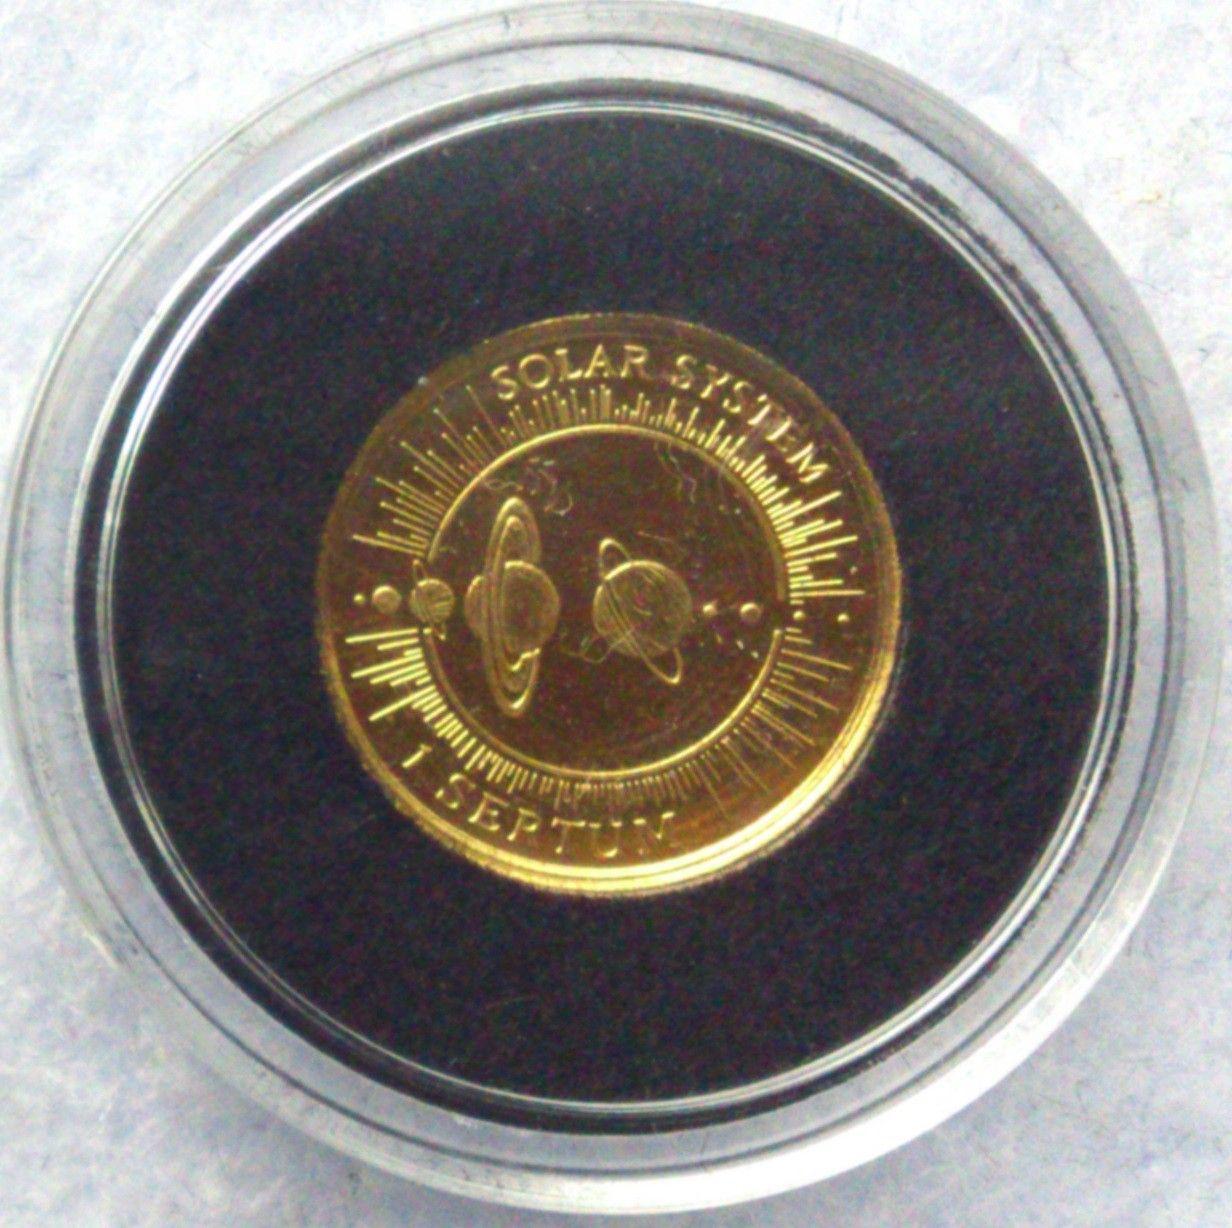 1995, Solar system, gull - Krokkleiva  - 1995, Kingdom of Bhutan, 1/25 oz, 999 gull. Proof mynt i kapsel. Selges kr 575,- + porto, (skam-bud er unødvendig).  Vennligst ikke ring, send sms, pga sykdom. - Krokkleiva